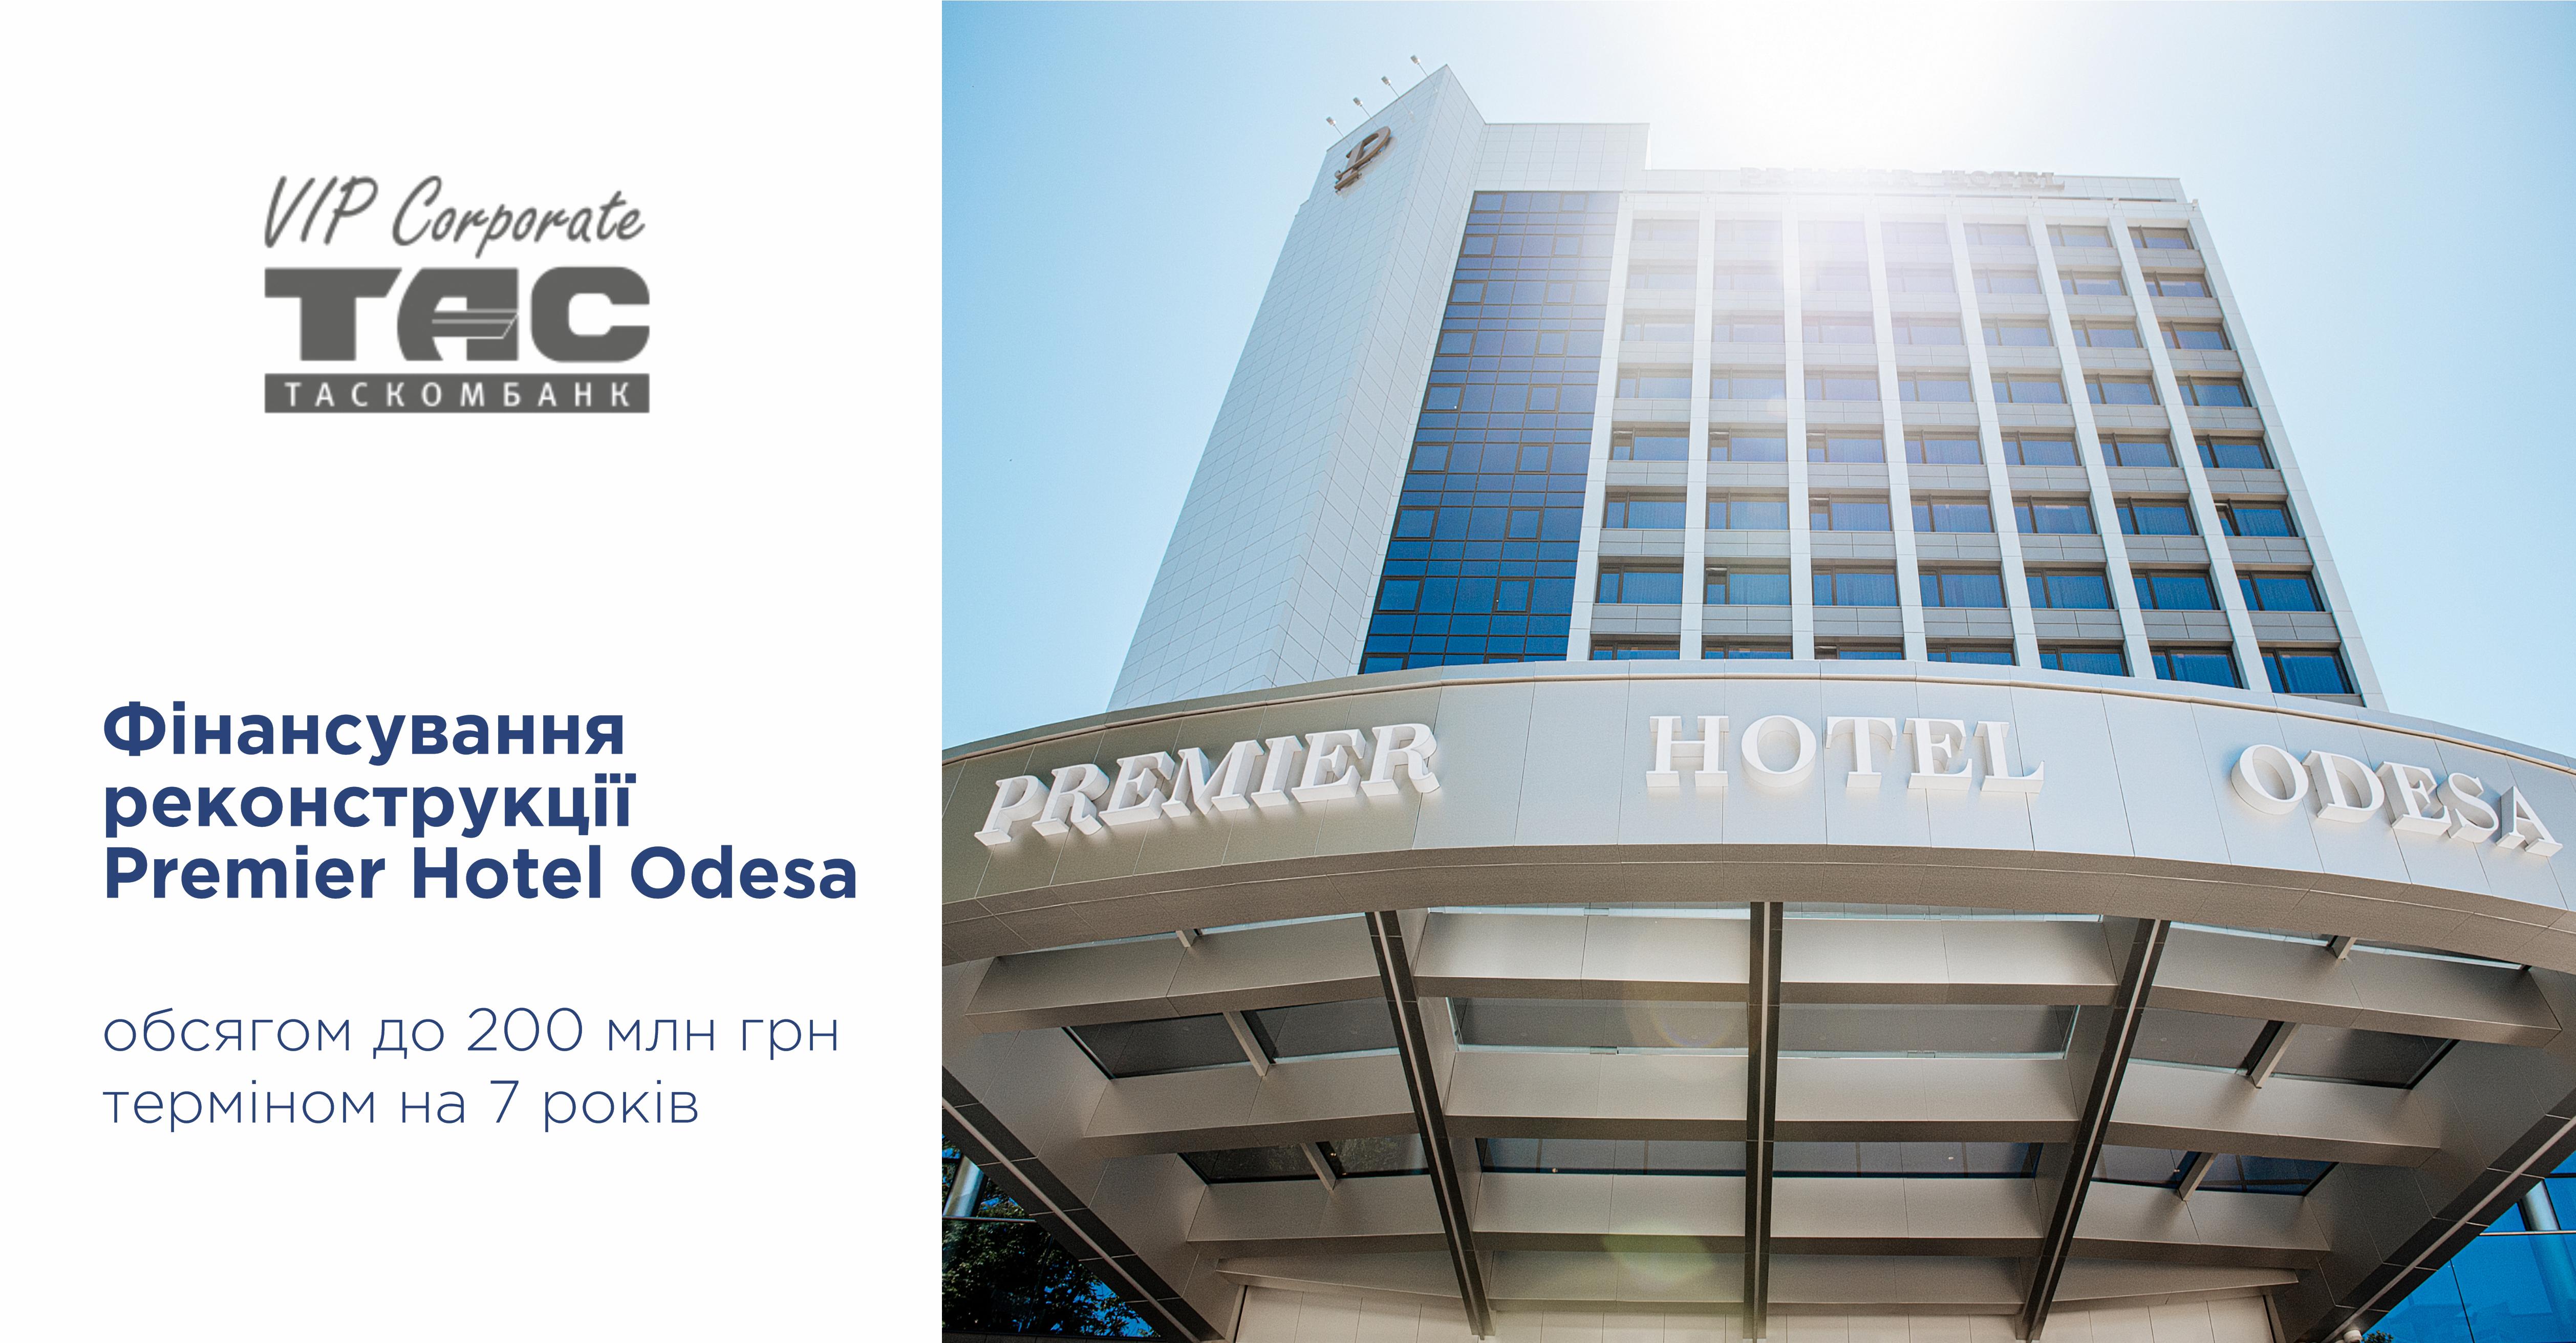 ТАСКОМБАНК профінансував реконструкцію готелю Premier Hotel Odesa